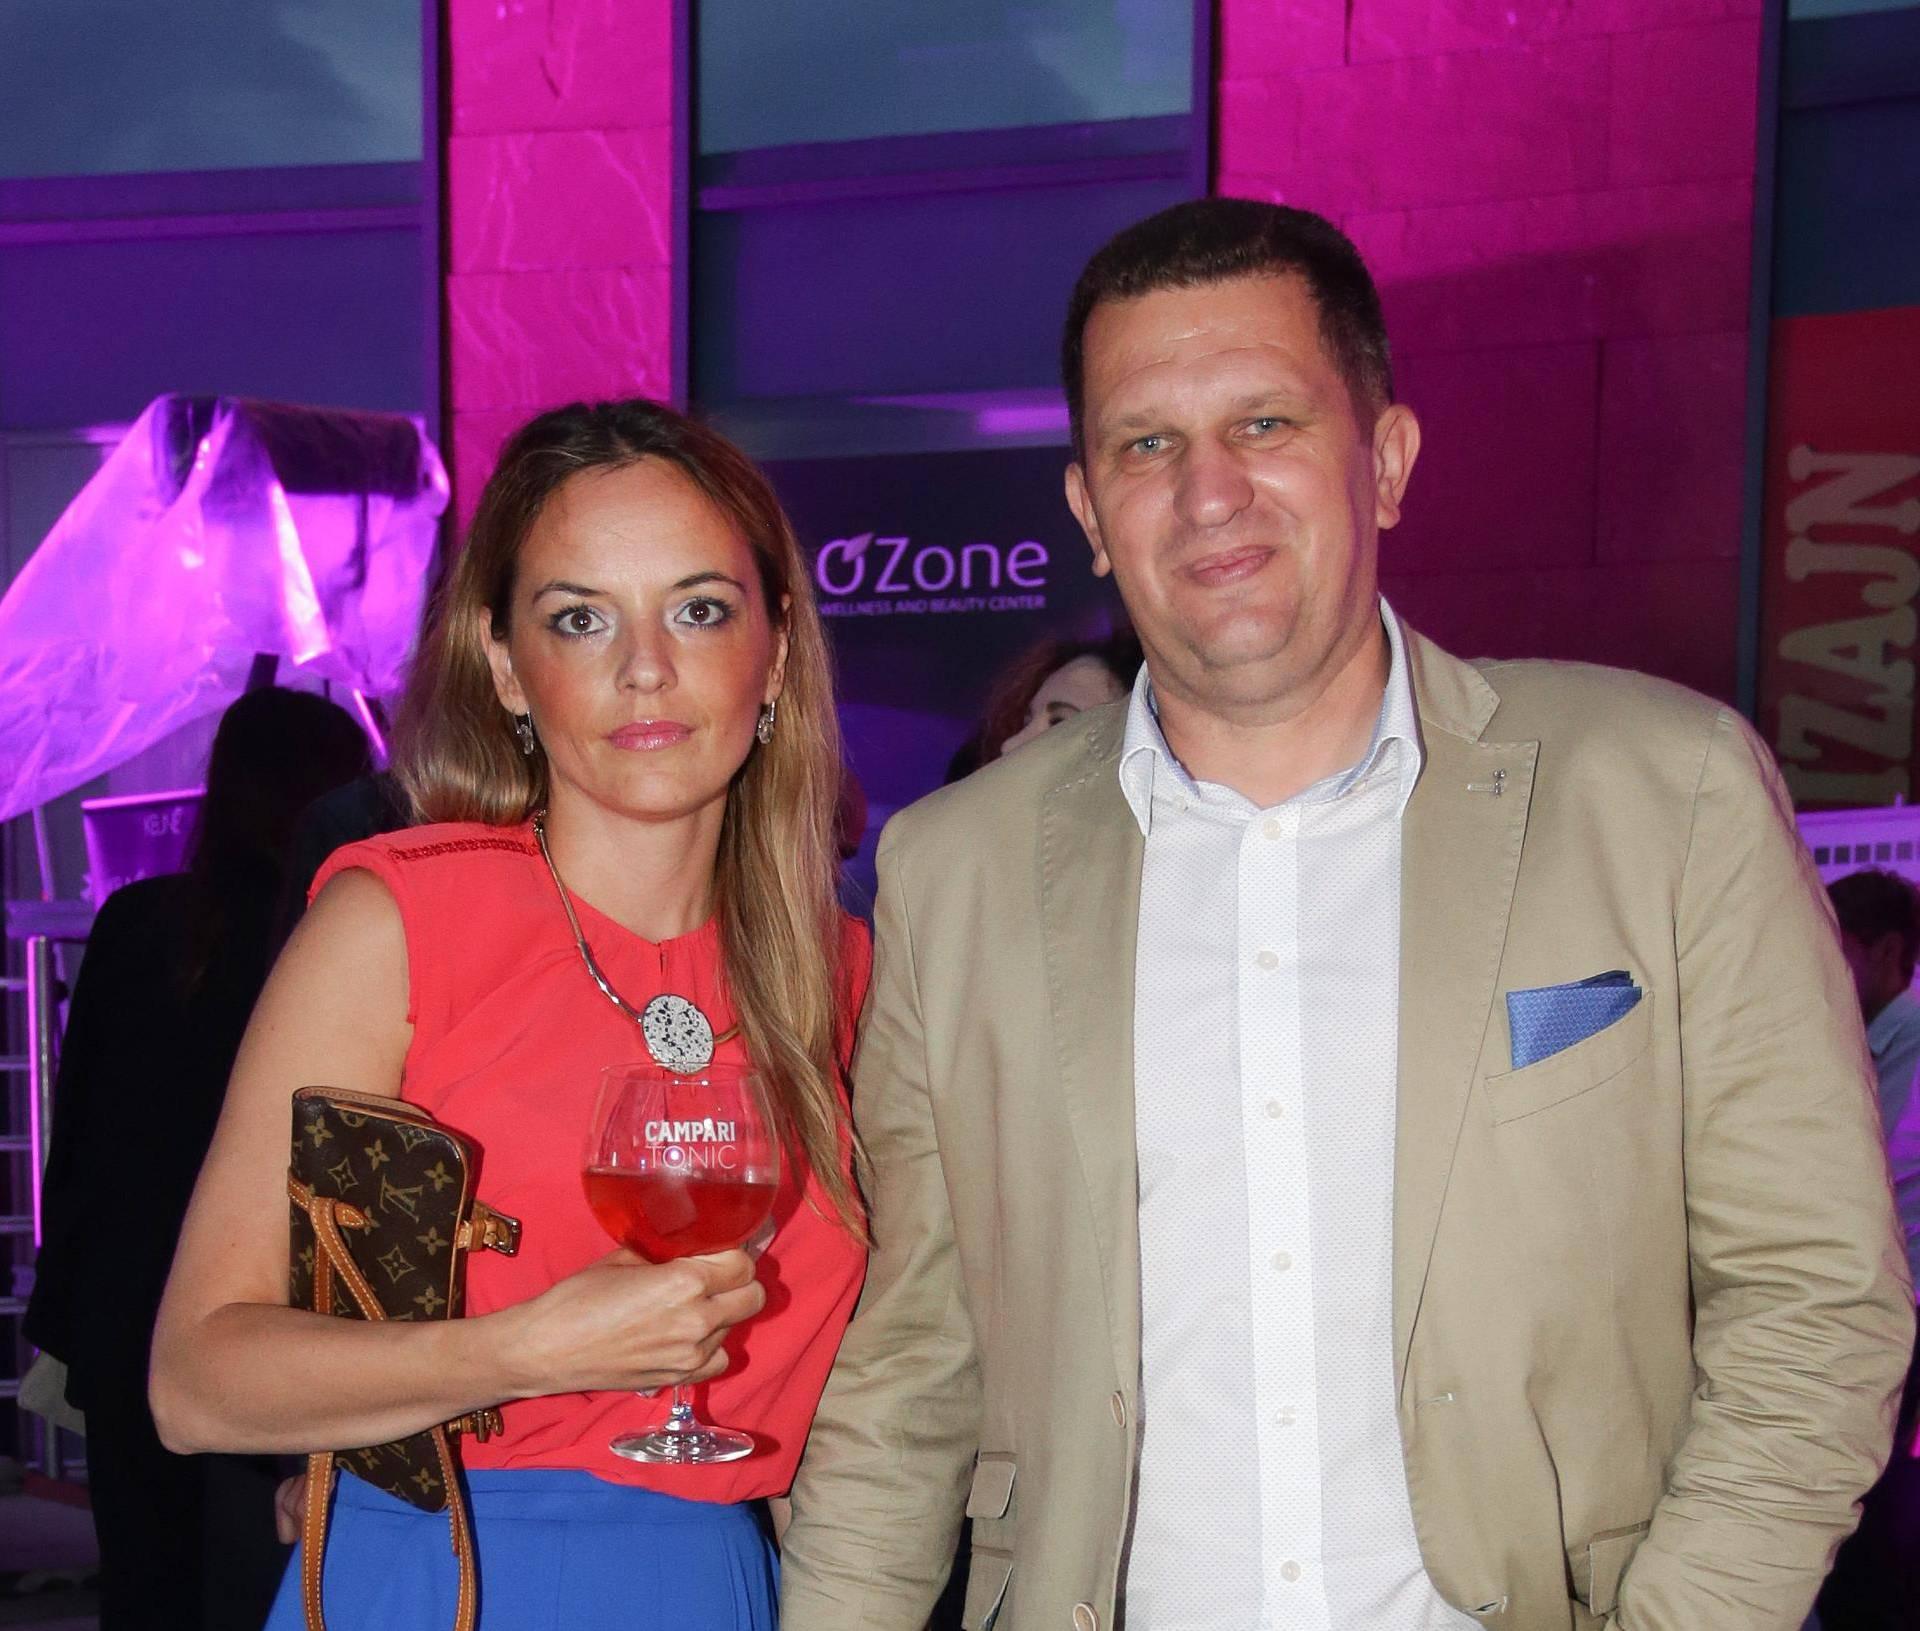 Ljubitelji mode: I. Cvitanović izveo ženu na reviju svoje bivše